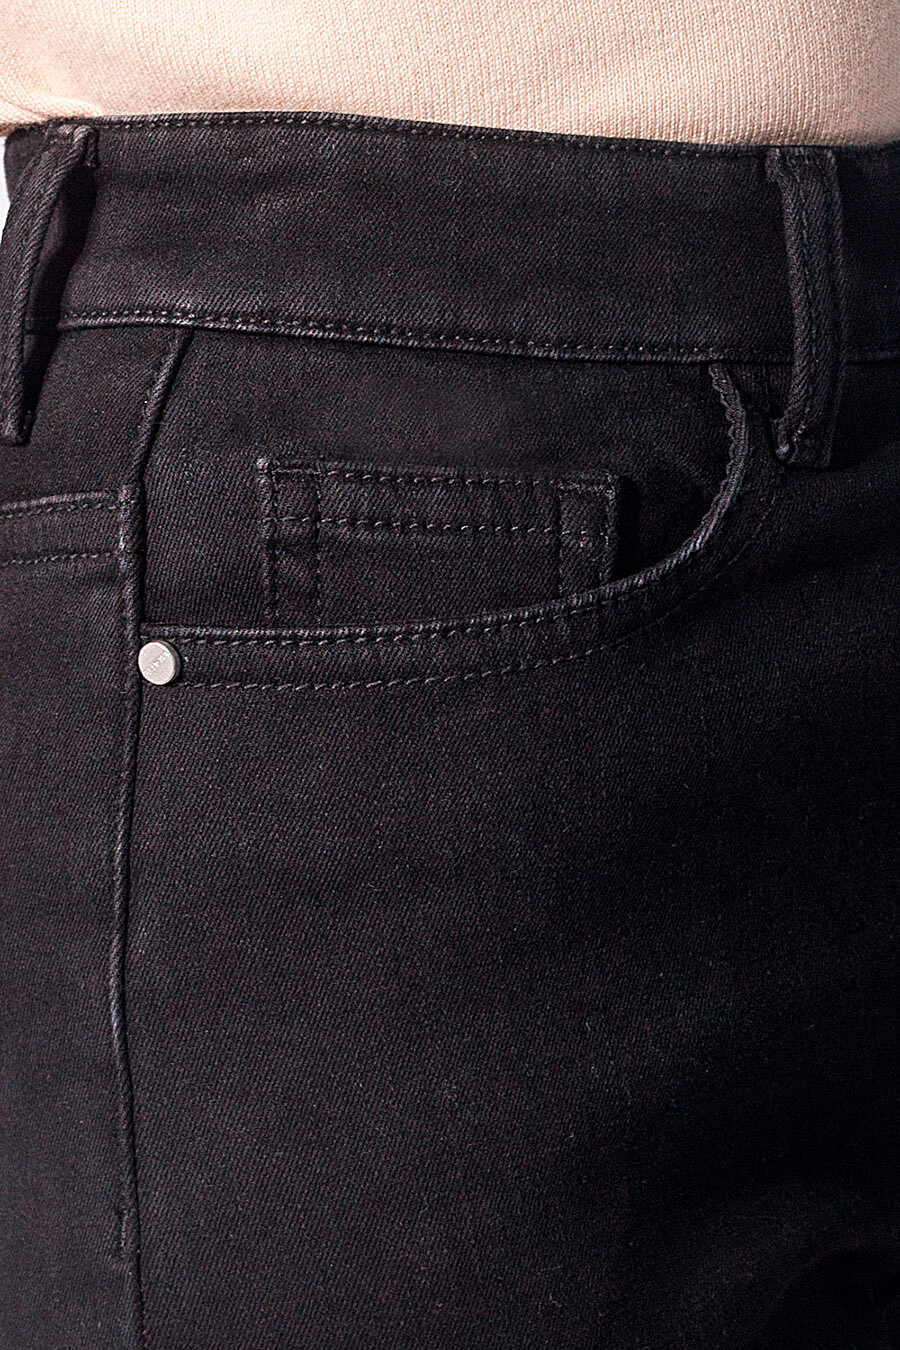 Джинсы для женщин VILATTE 700230 купить оптом от производителя. Совместная покупка женской одежды в OptMoyo